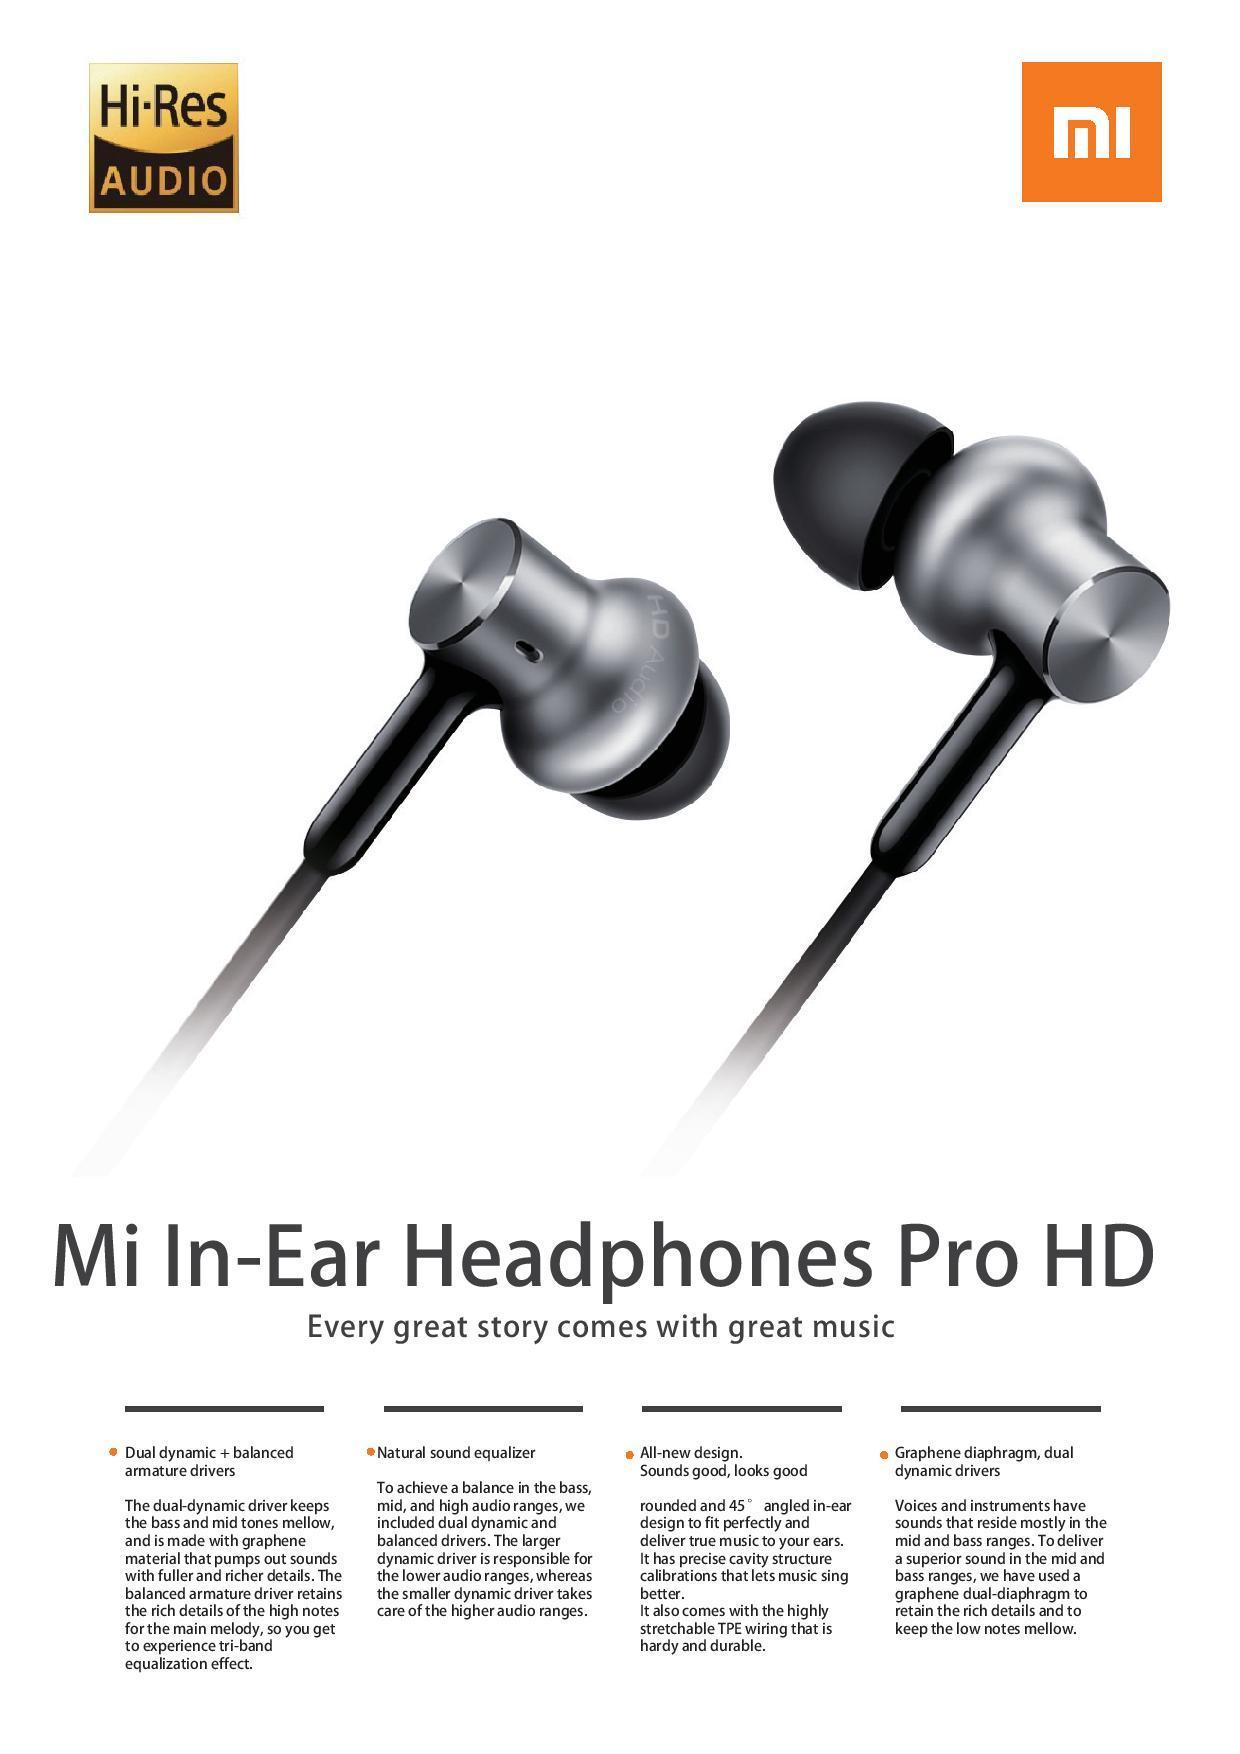 [Product Sheet]Mi In Ear Headphone PRO HD-page-001.jpg